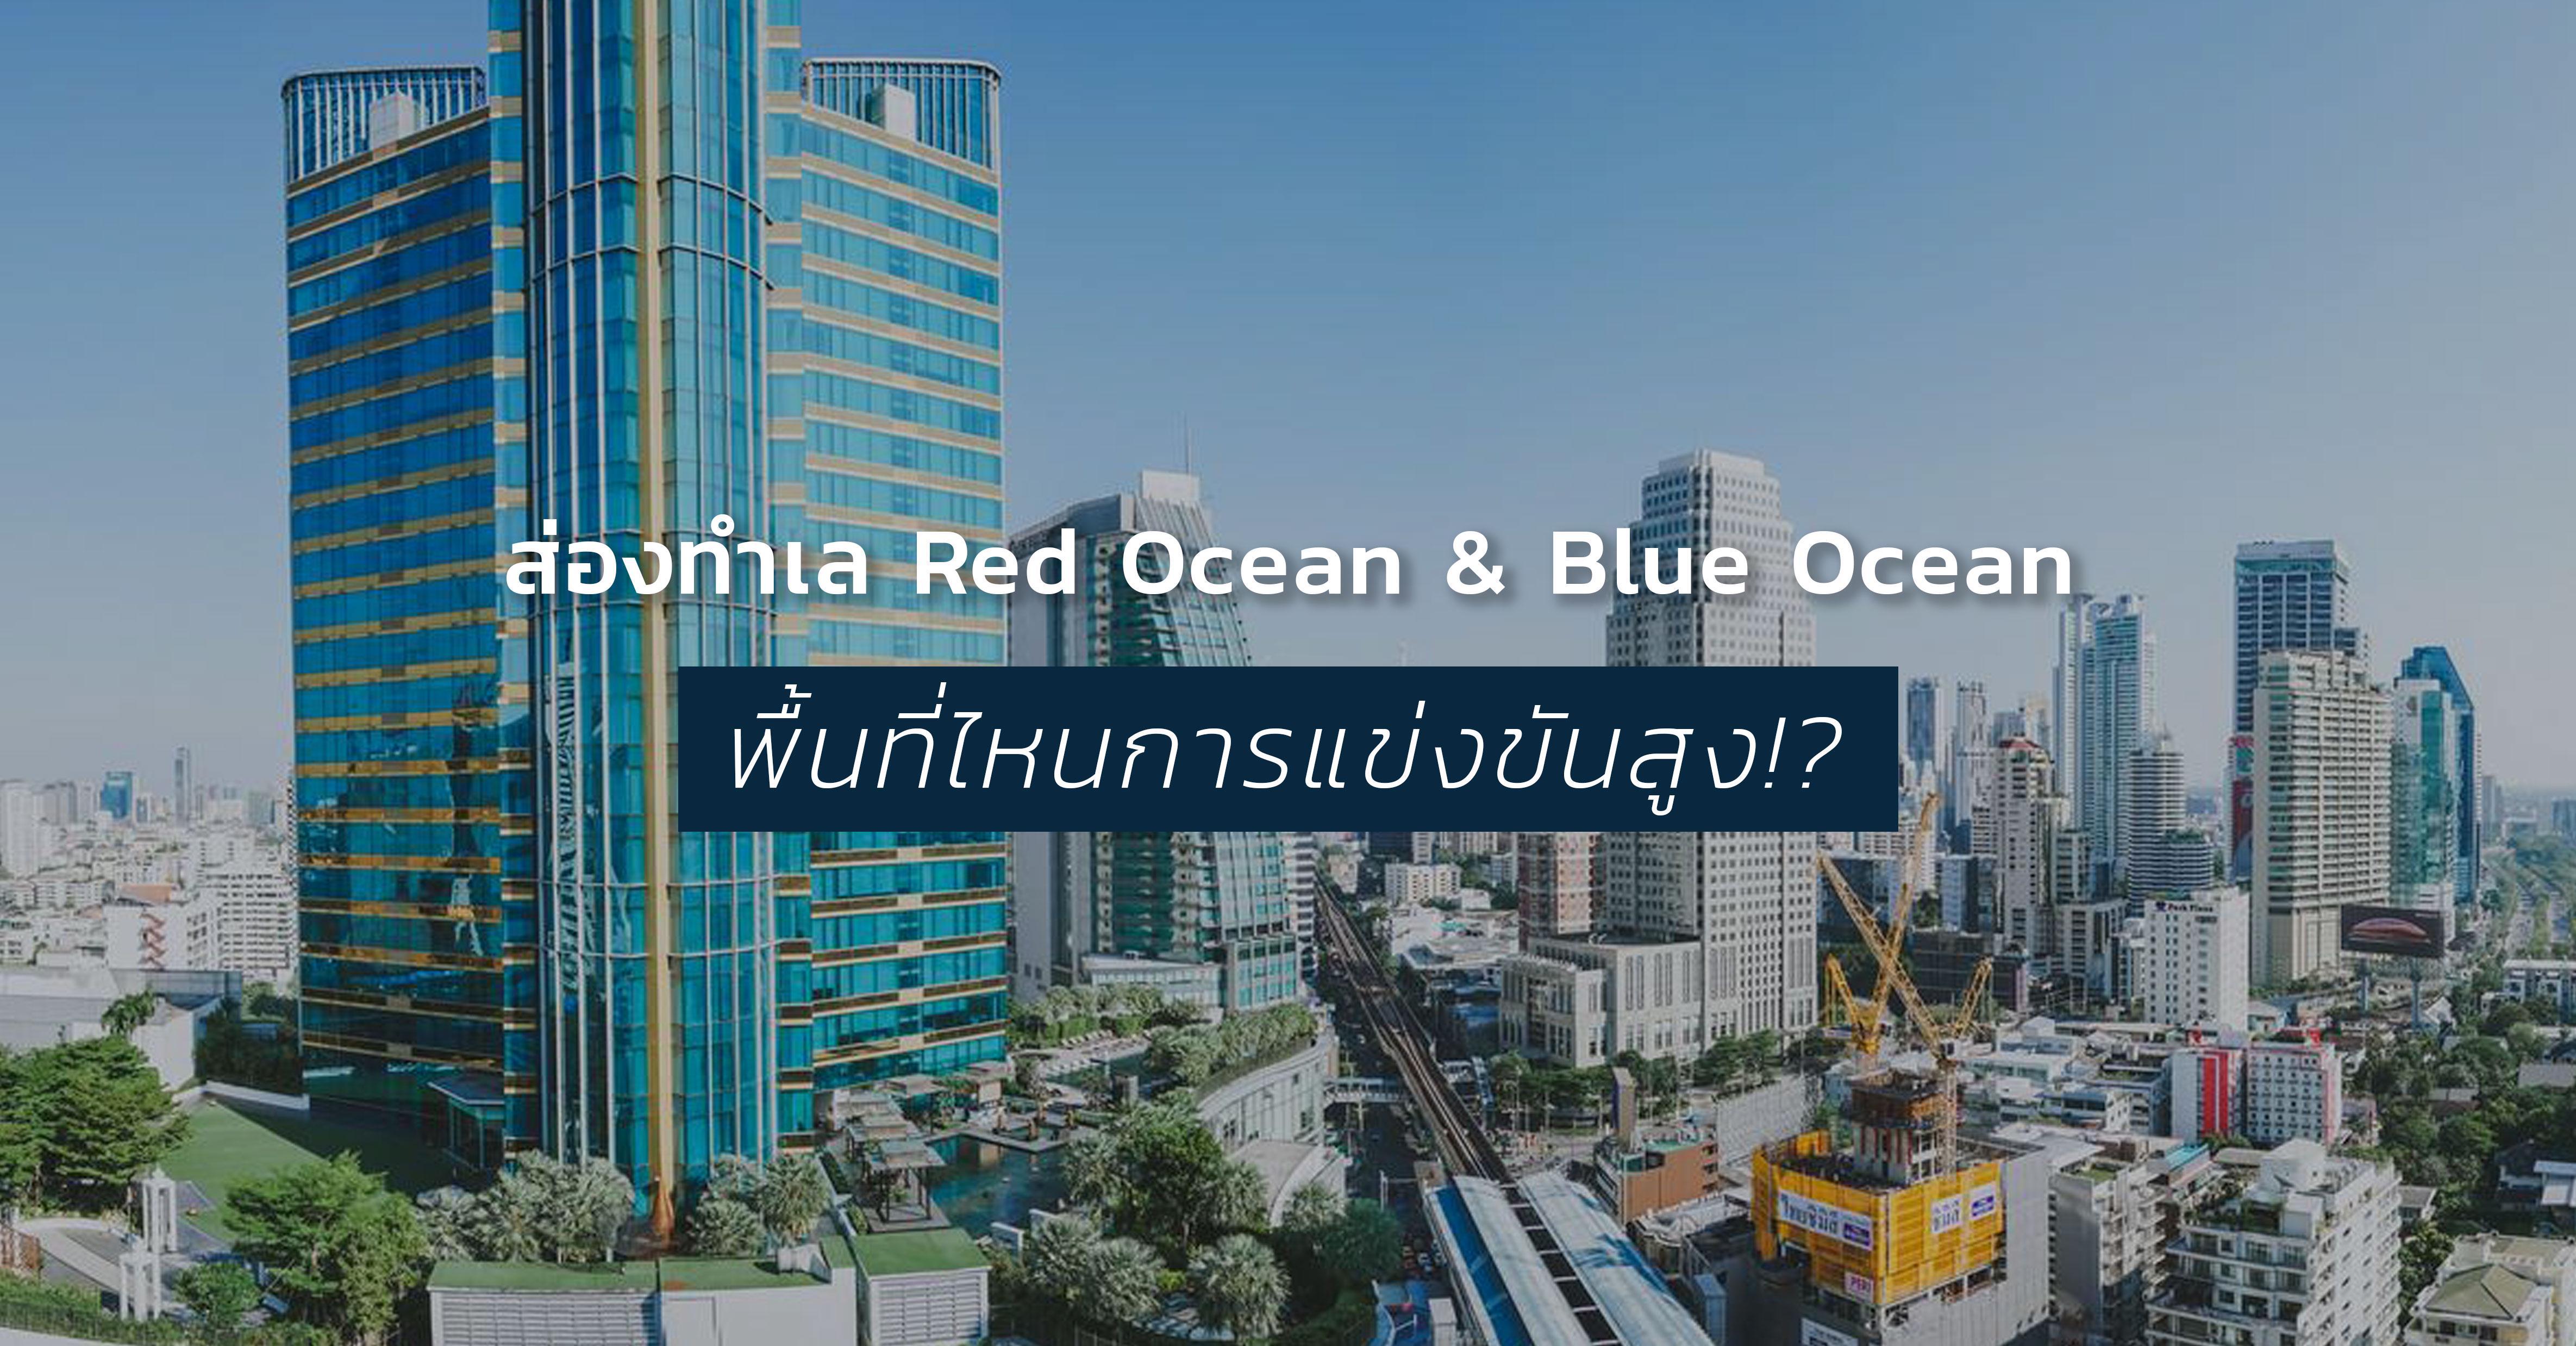 รูปบทความ บินส่องน่านน้ำ Red Ocean & Blue Ocean ทำเลแห่งการแข่งขัน ต่างกันที่กลยุทธ์